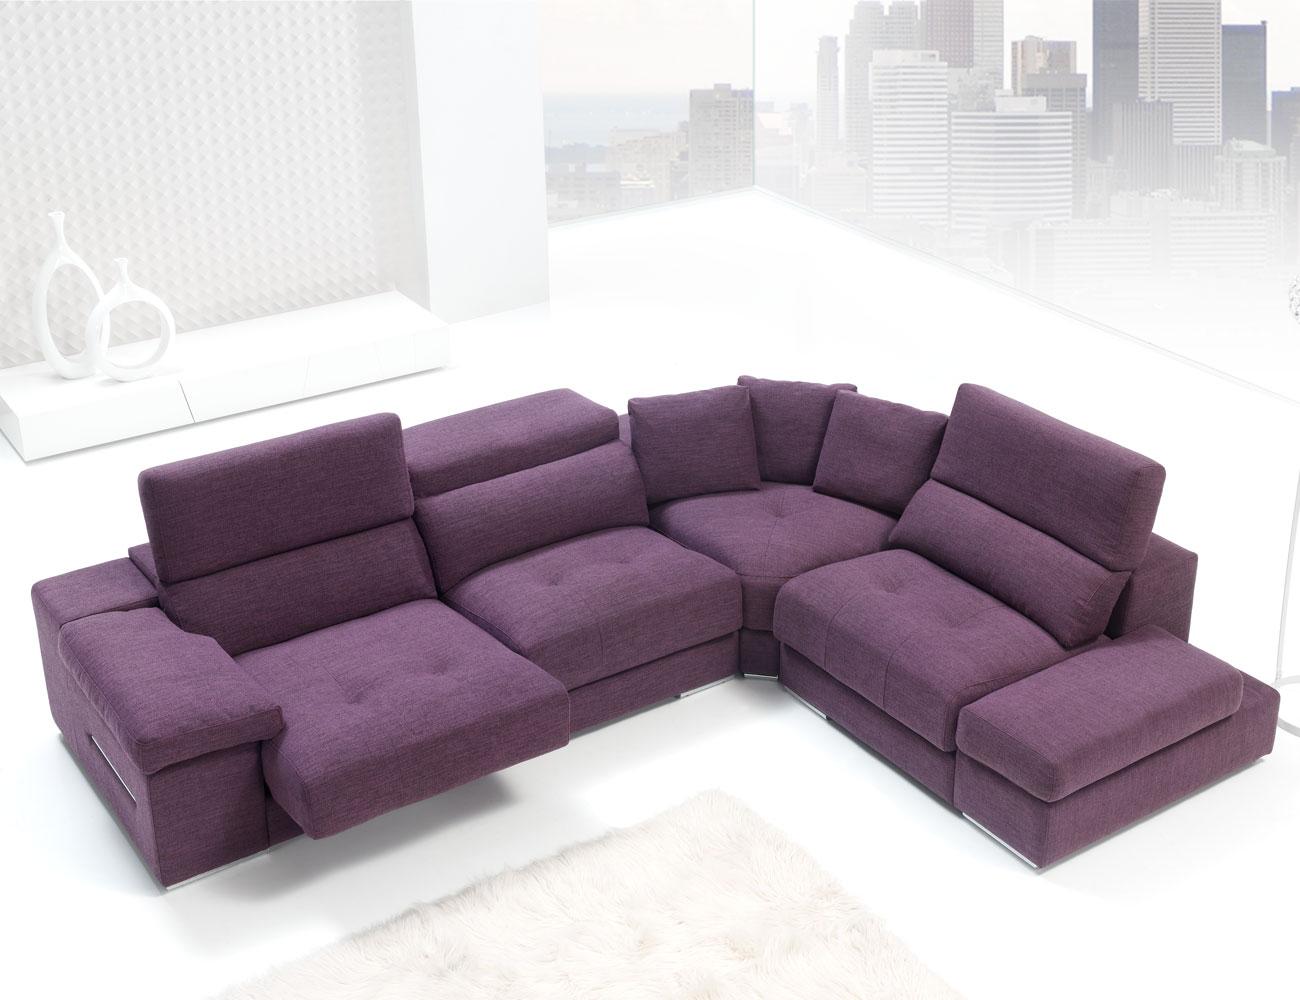 Sofa chaiselongue rincon con brazo mecanico tejido anti manchas 274